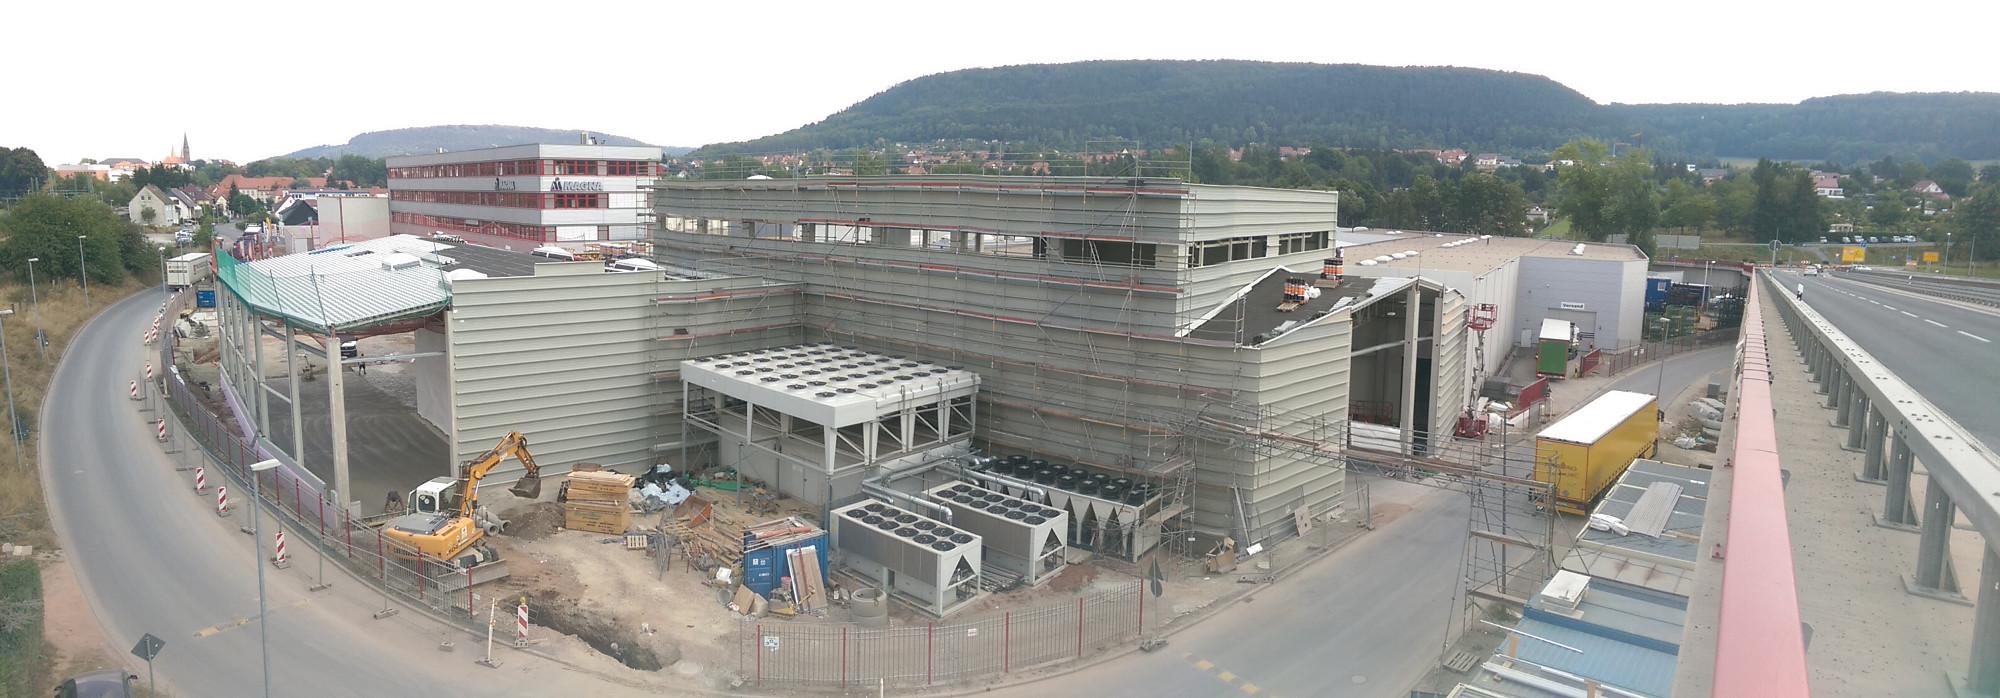 Magna-Halle-910-Sept.-2016-klein